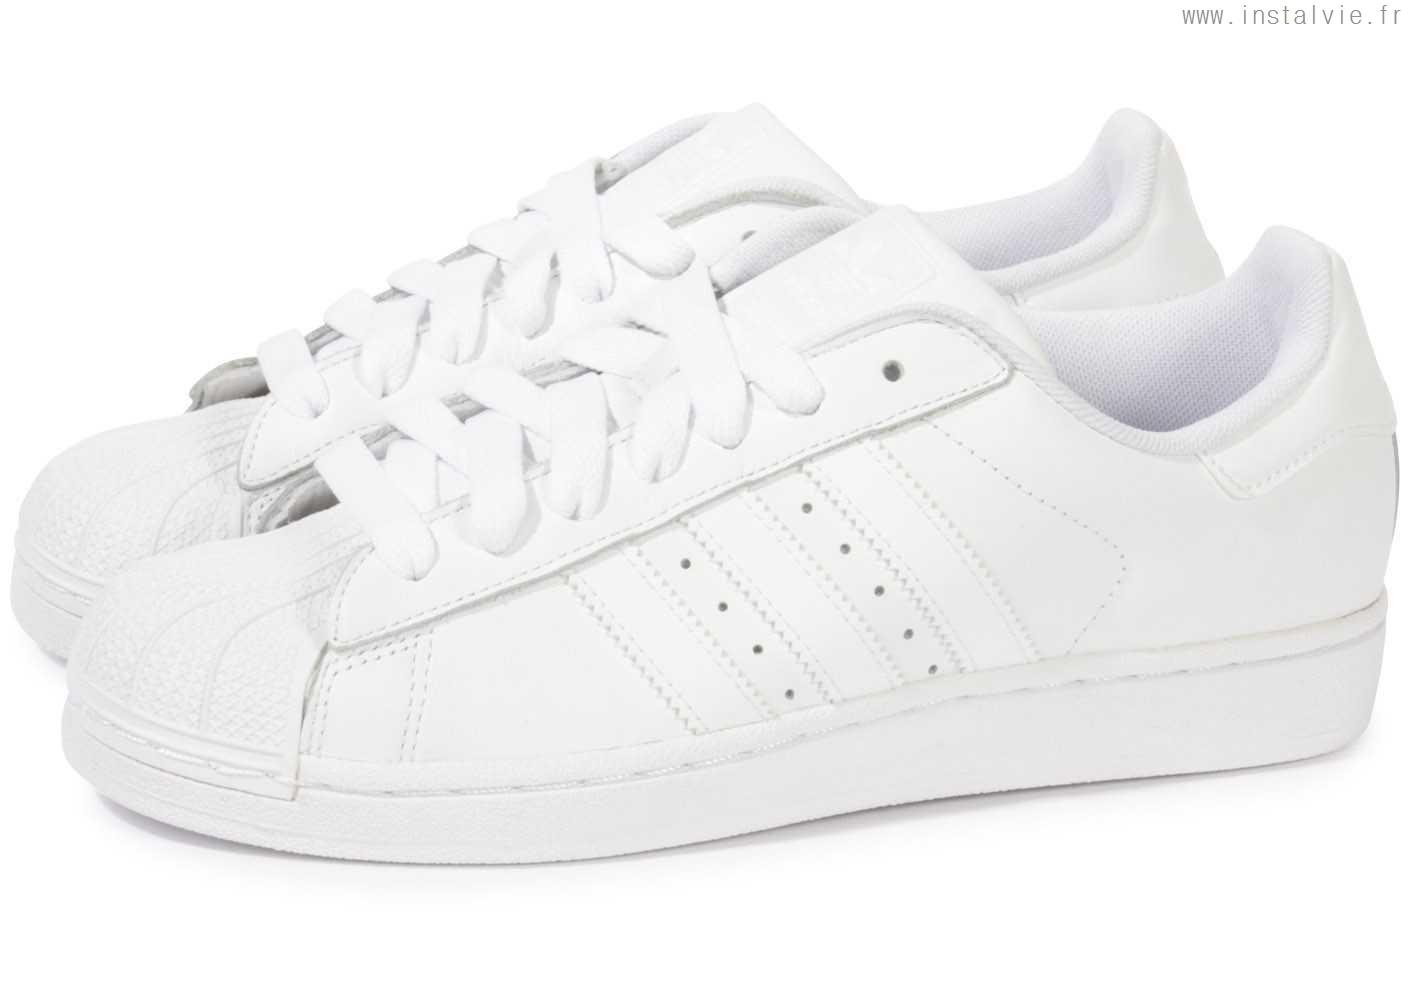 superstar adidas homme blanche